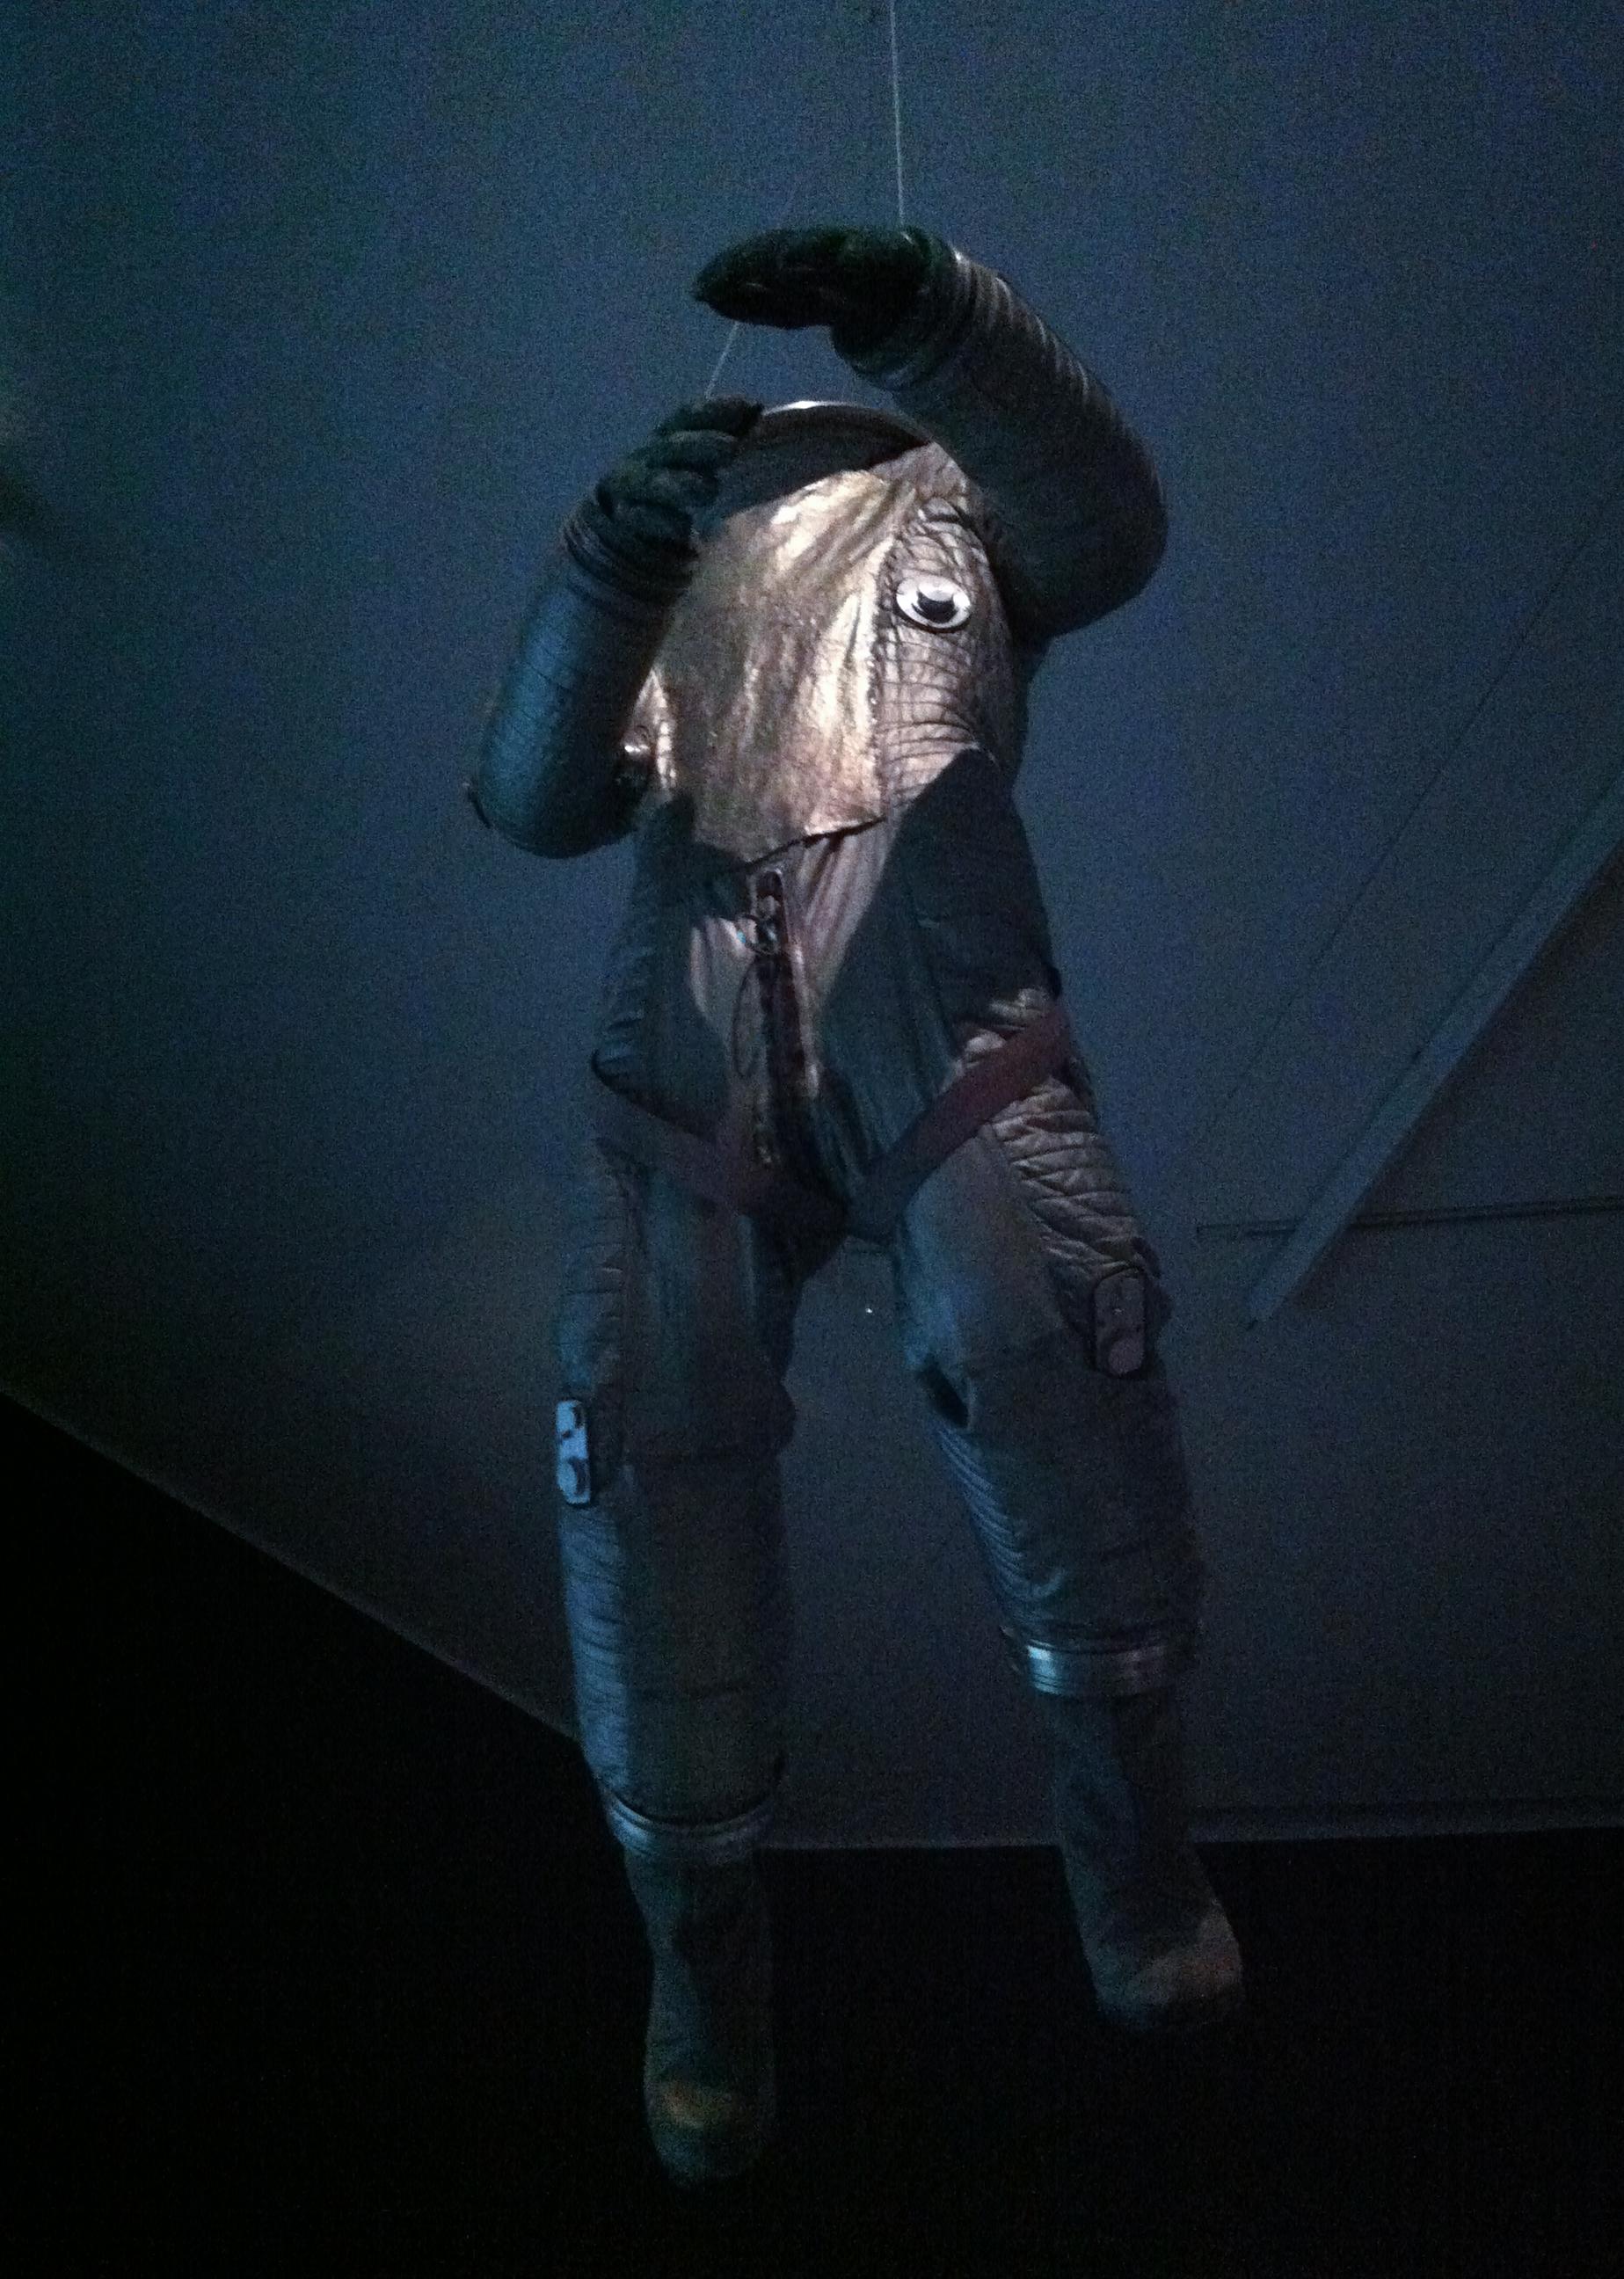 2001 space suit - photo #6